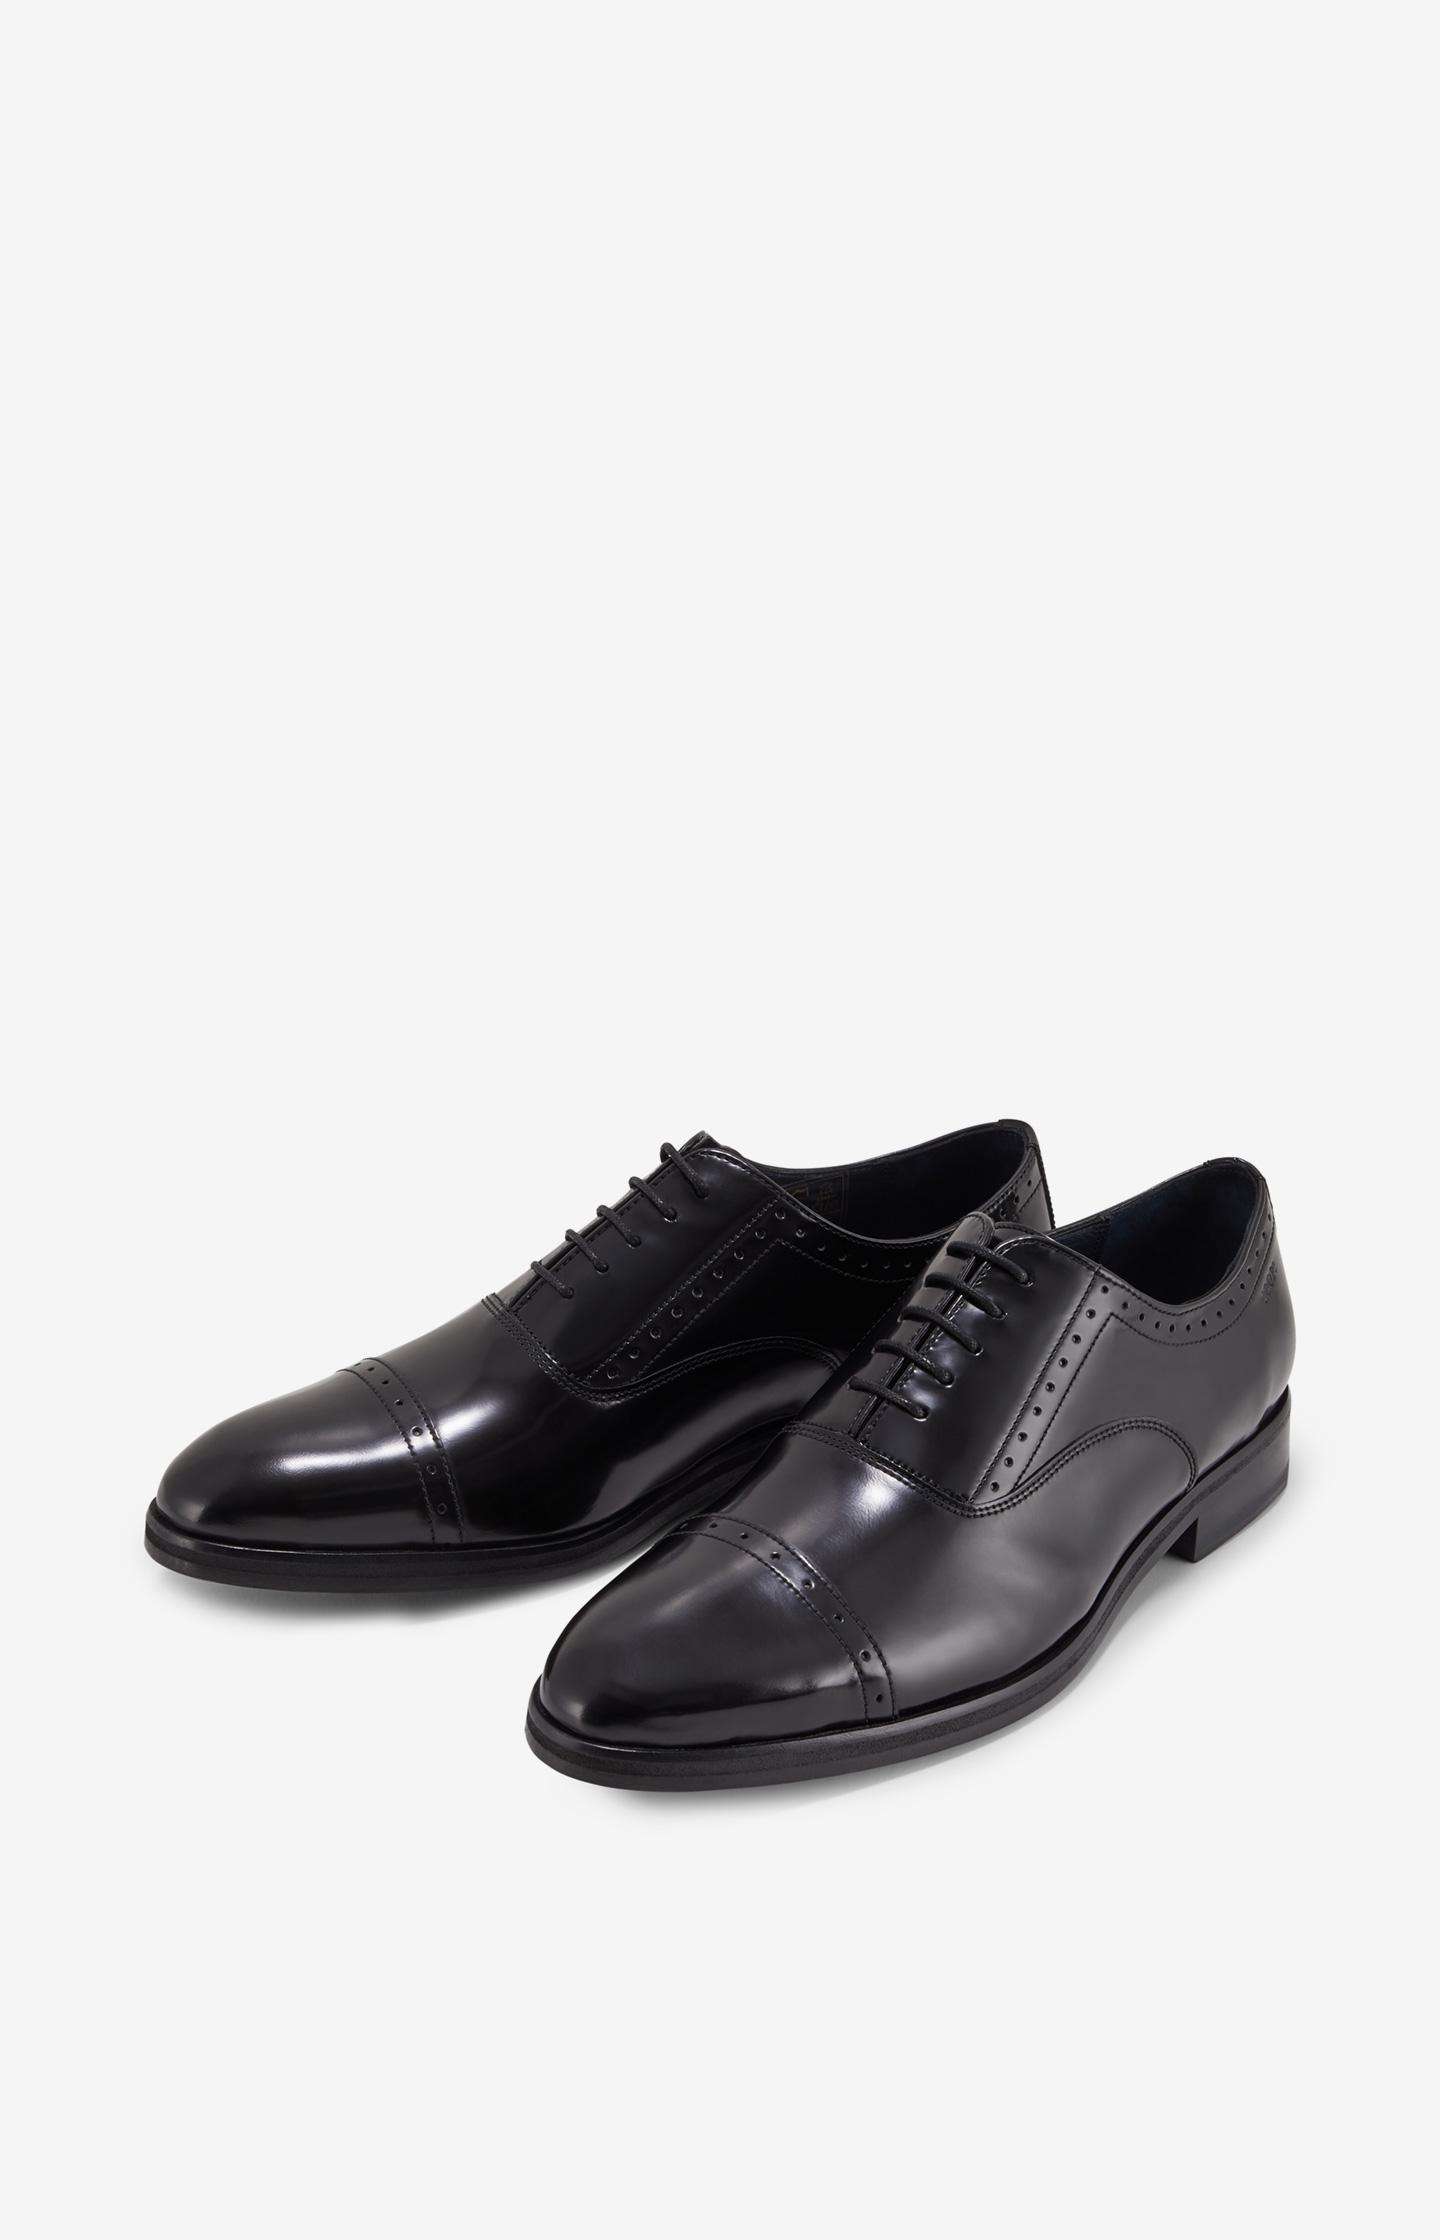 Artikel klicken und genauer betrachten! - Ergänzen Sie Ihr Schuh-Repertoire um diese klassischen Schnürer aus glänzendem Lackleder. Das luxuriöse Design mit charakteristischer Lyralochung sowie einer mandelförmigen Vorderkappe ist ein Highlight für exklusive Business-Outfits und der Beweis für Stil. Das Modell ist aus poliertem Leder gefertigt und sorgt mit seinem teilgummierten Absatz für höchsten Tragekomfort.   im Online Shop kaufen